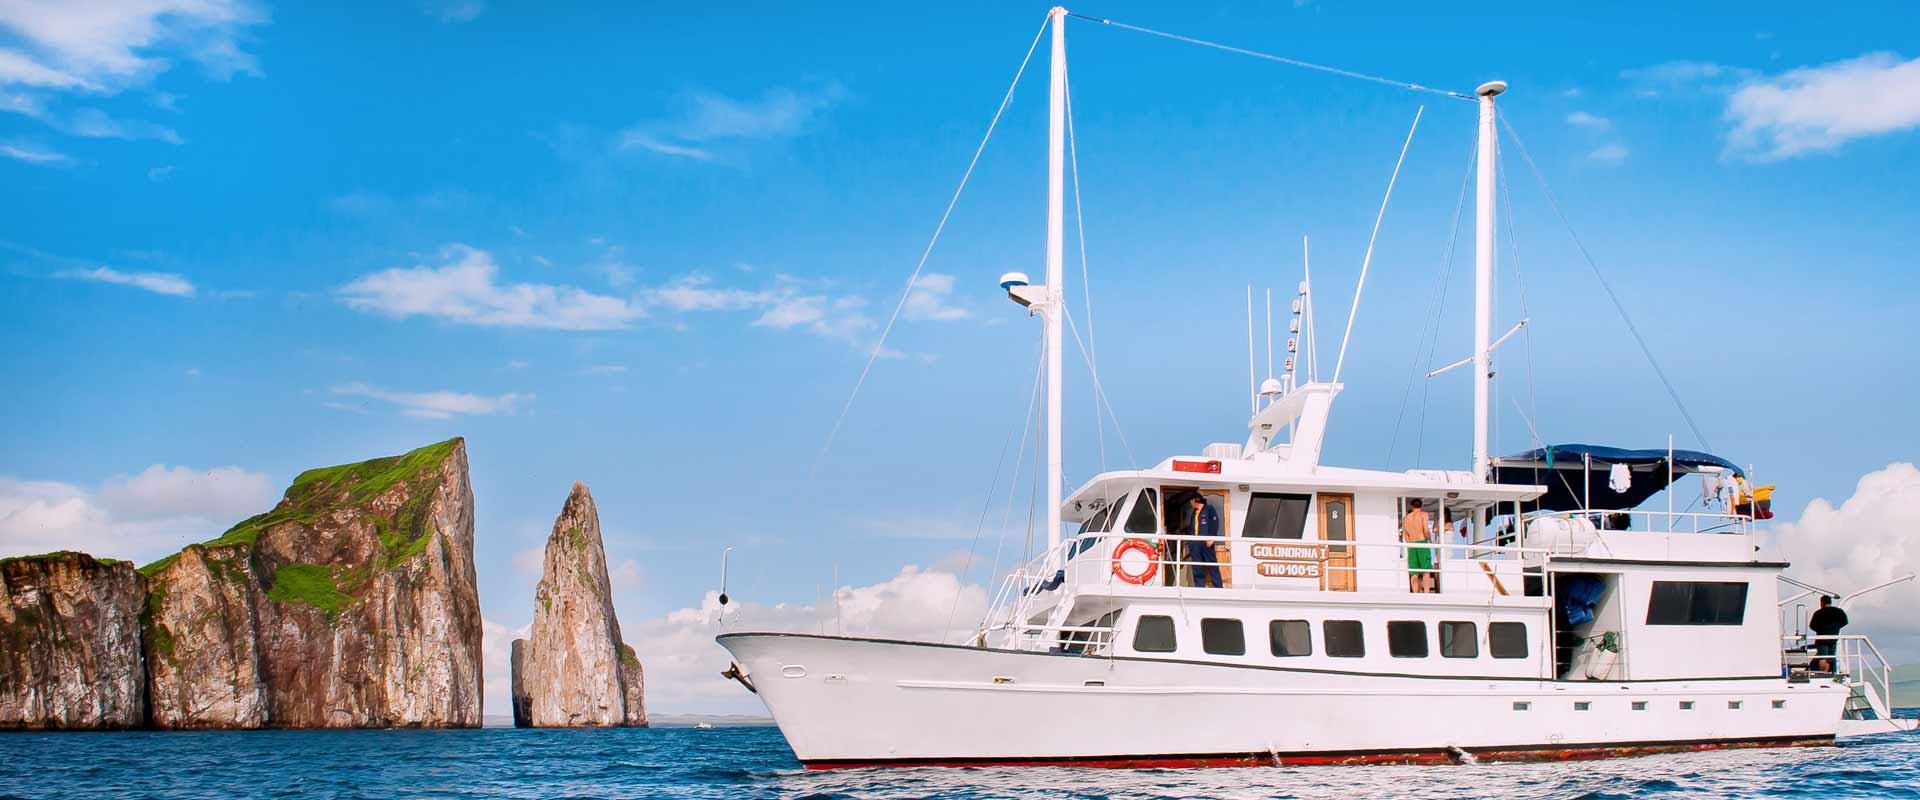 Golondrina cruise panoramic photo